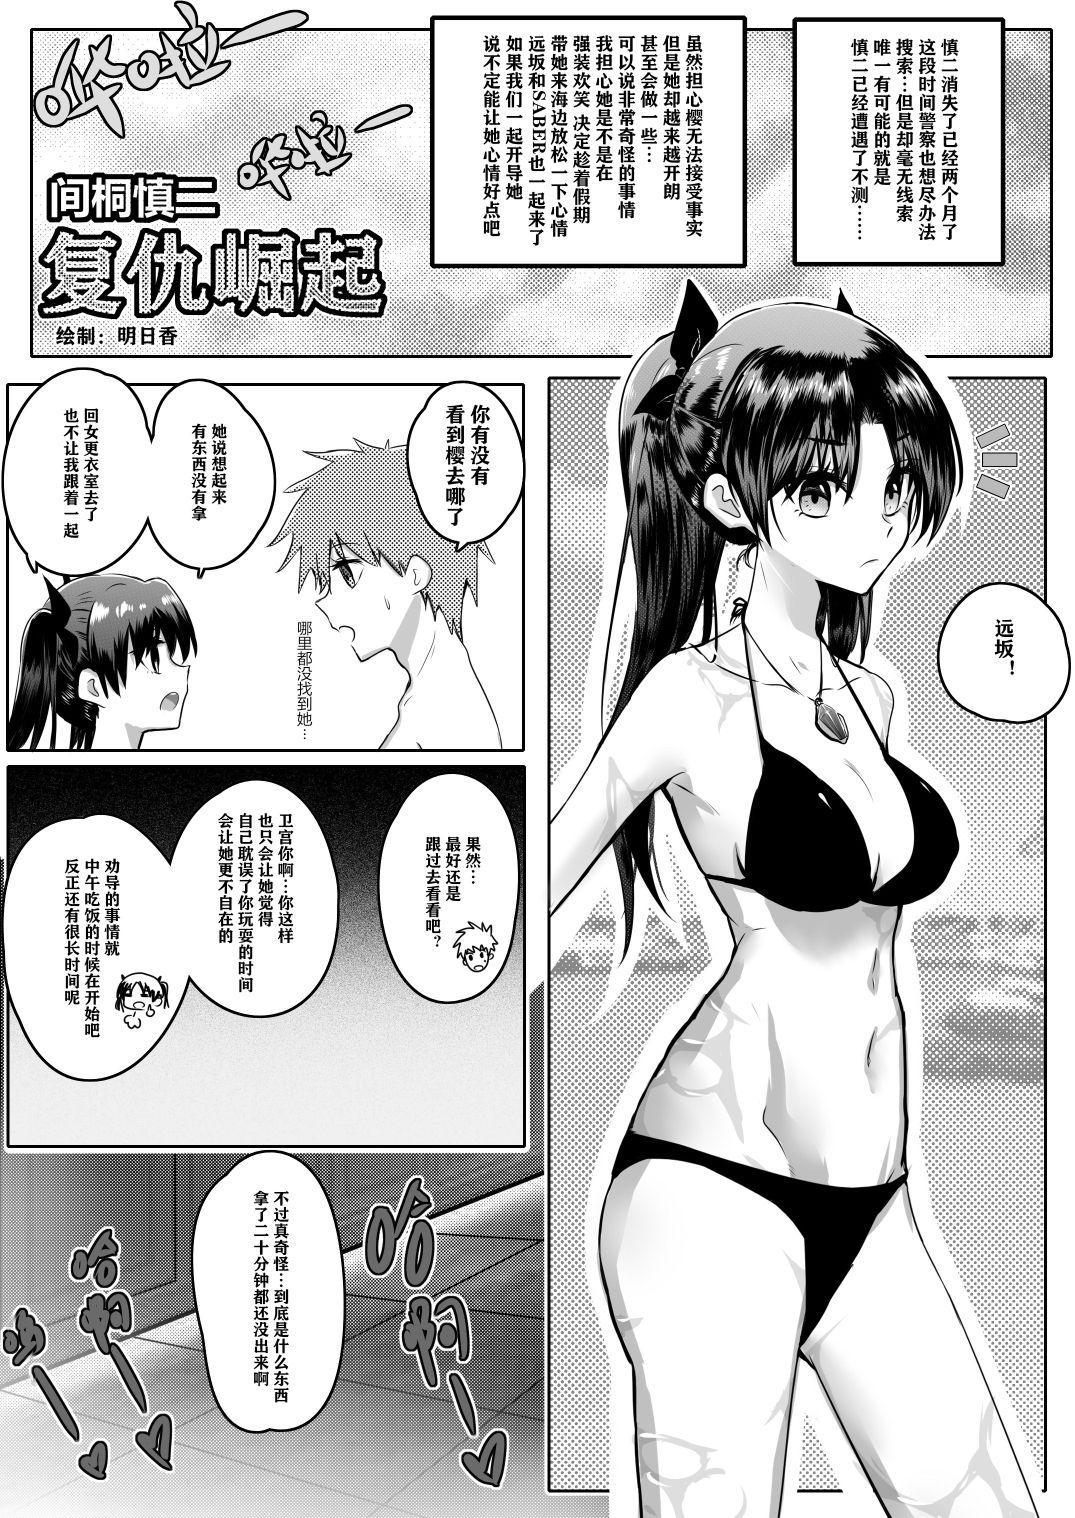 Sakura Skinsuit 8